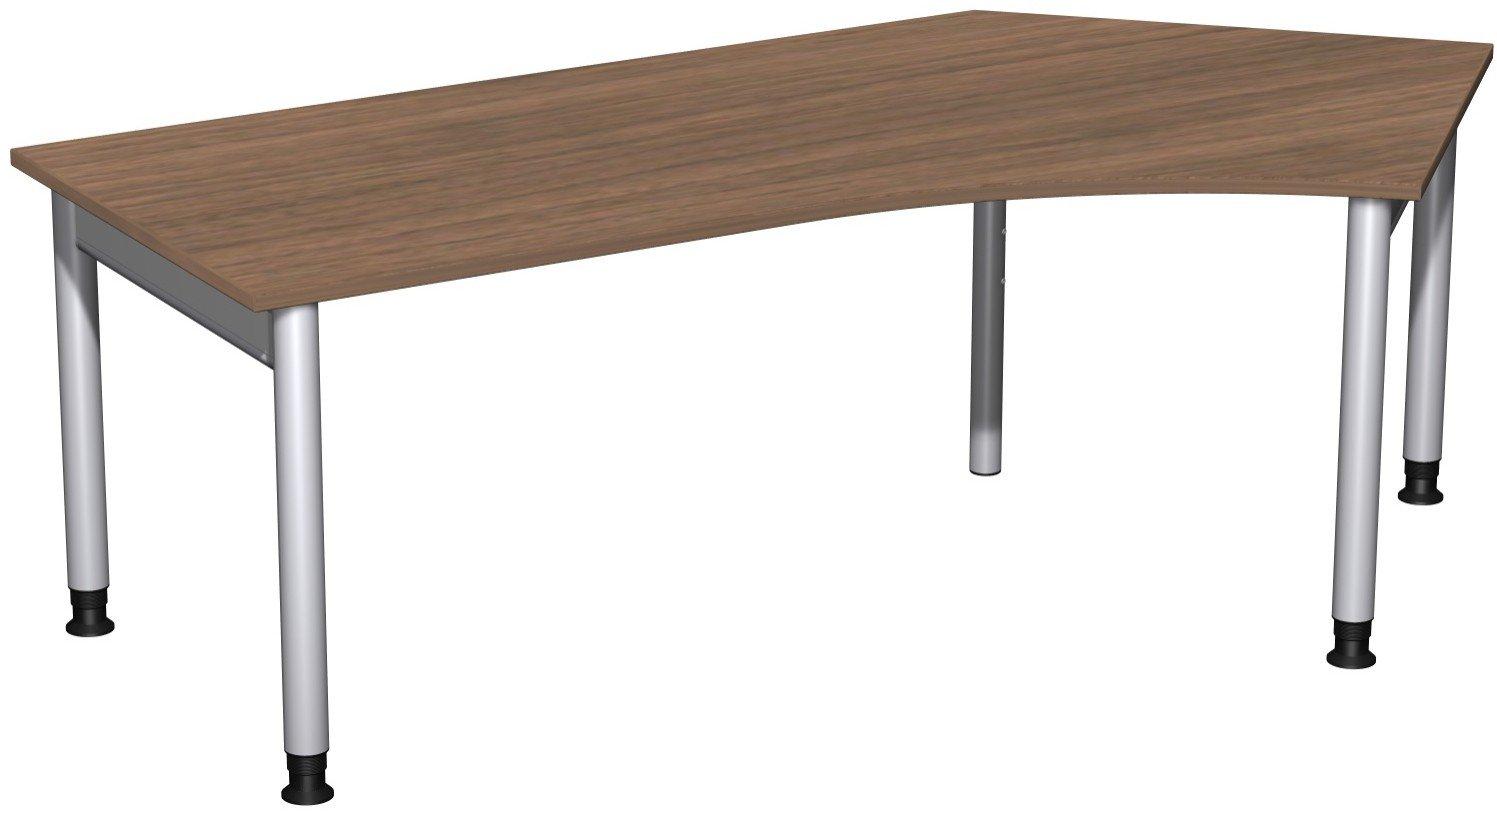 Geramöbel Schreibtisch 135° rechts höhenverstellbar, 2166x1130x680-820, Nussbaum/Silber